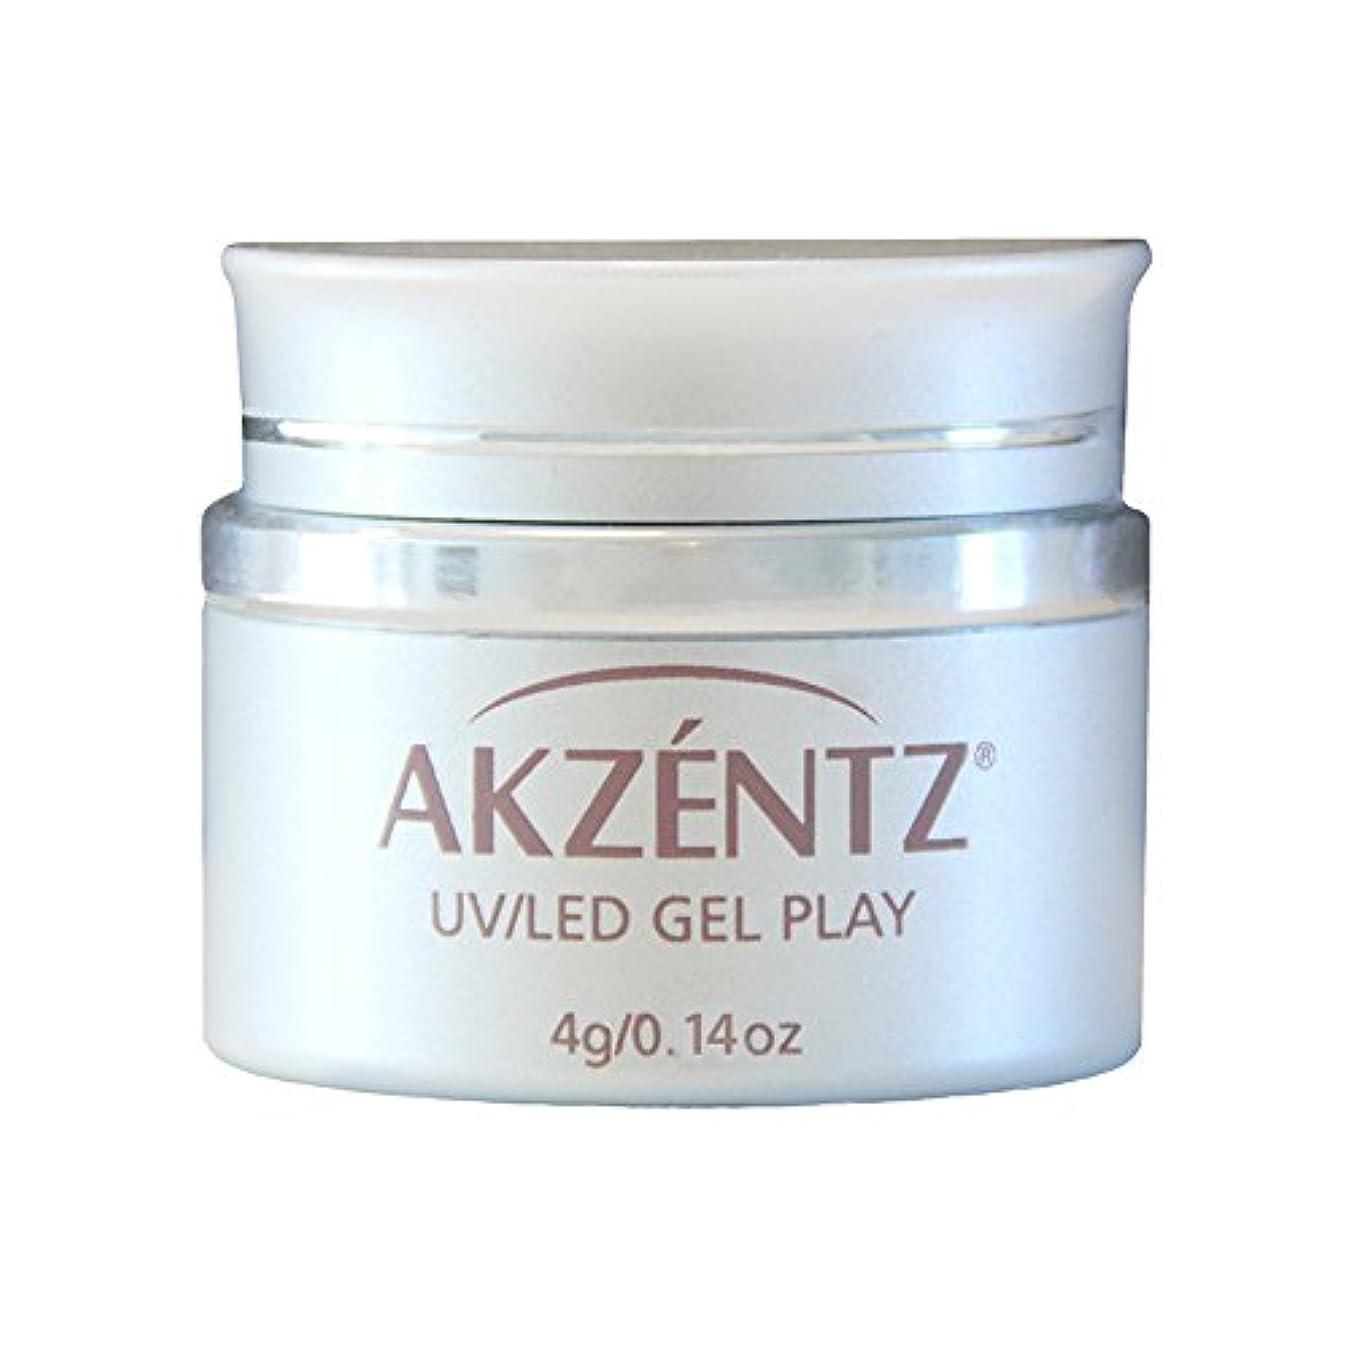 突然のシリング昨日AKZENTZ カラージェル ジェルプレイ ペイントホワイト 4g UV/LED対応